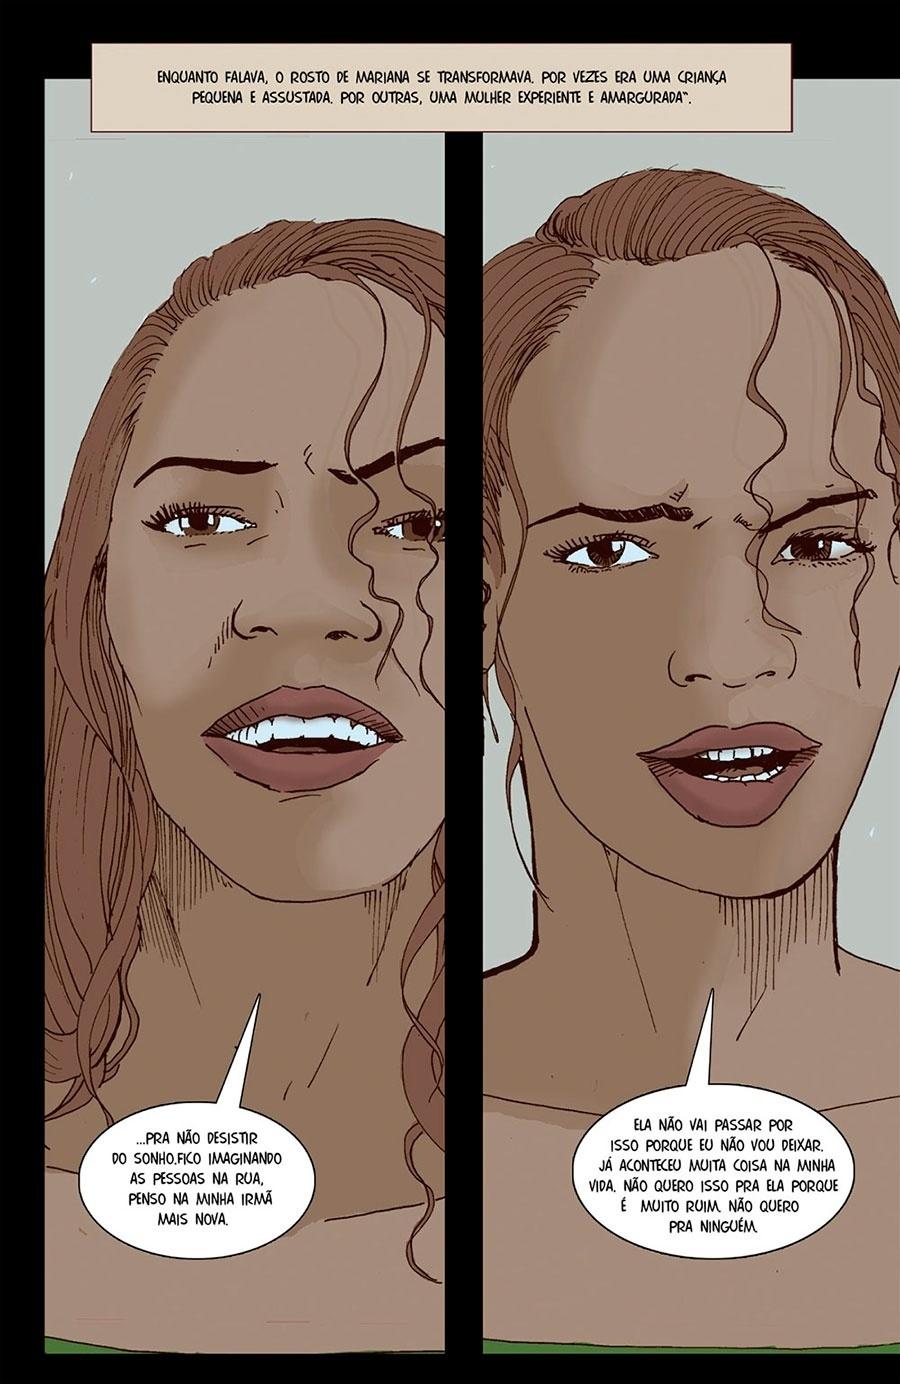 Capítulo 2: Mariana às vezes parecia uma menina assustada, às vezes uma mulher amargurada.